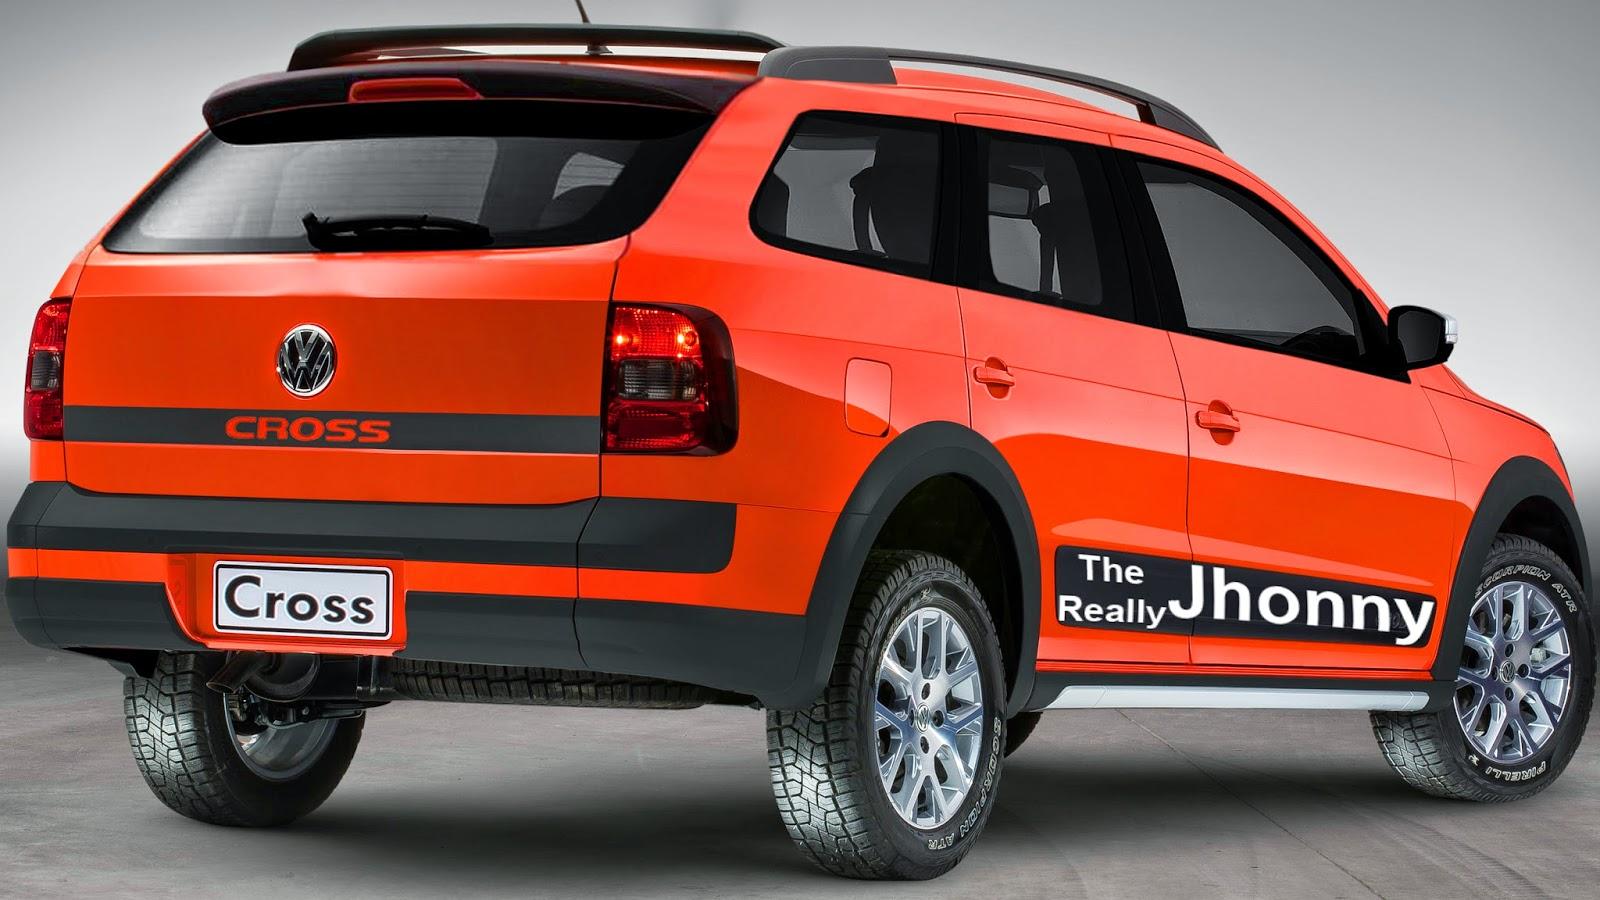 Thereallyjhonny Nova Volkswagen Parati G6 2015